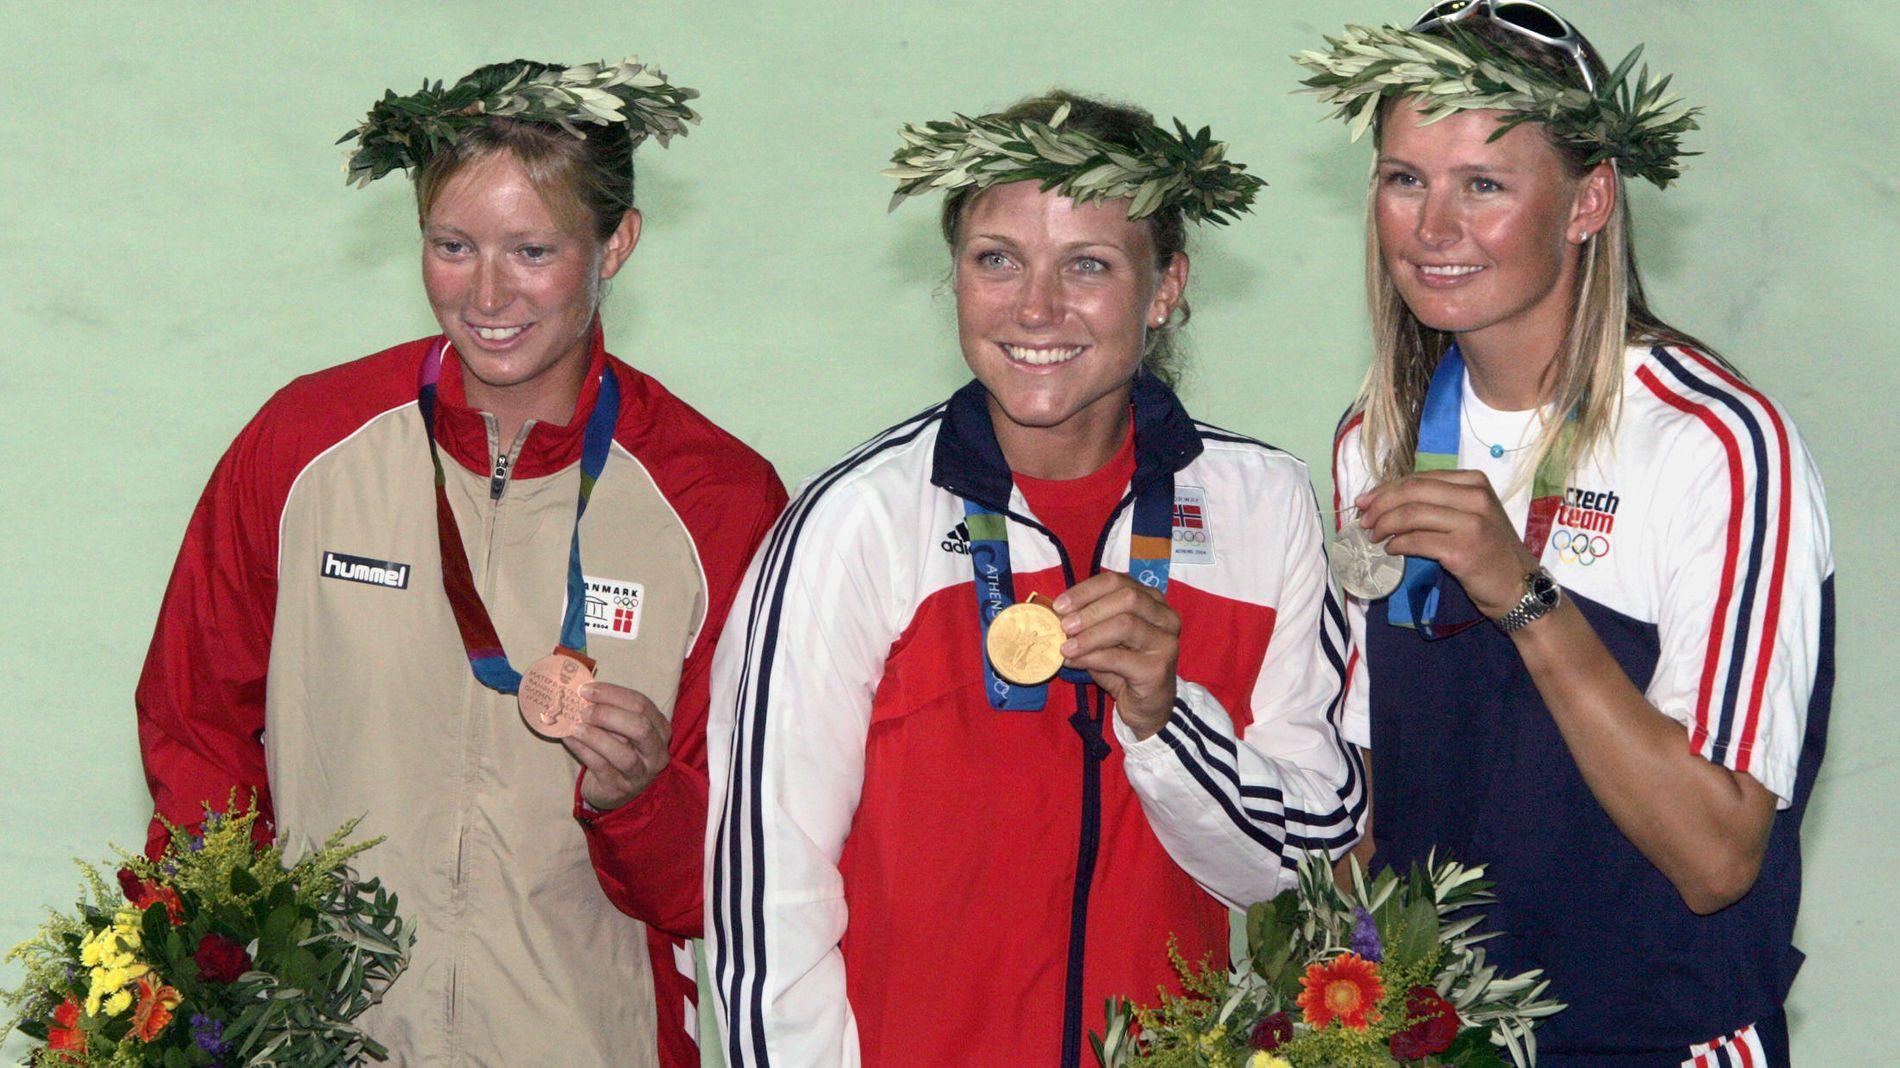 GULLVINNER: Siren Sundby (i midten) vant i 2004 OL-gull i seiling i Aten. Her med bronsjemedaljør Signe Livbjerg (t.v.) fra Danmark og  sølvmedaljør Lenka Smidova (t.h.) fra Tsjekkia.